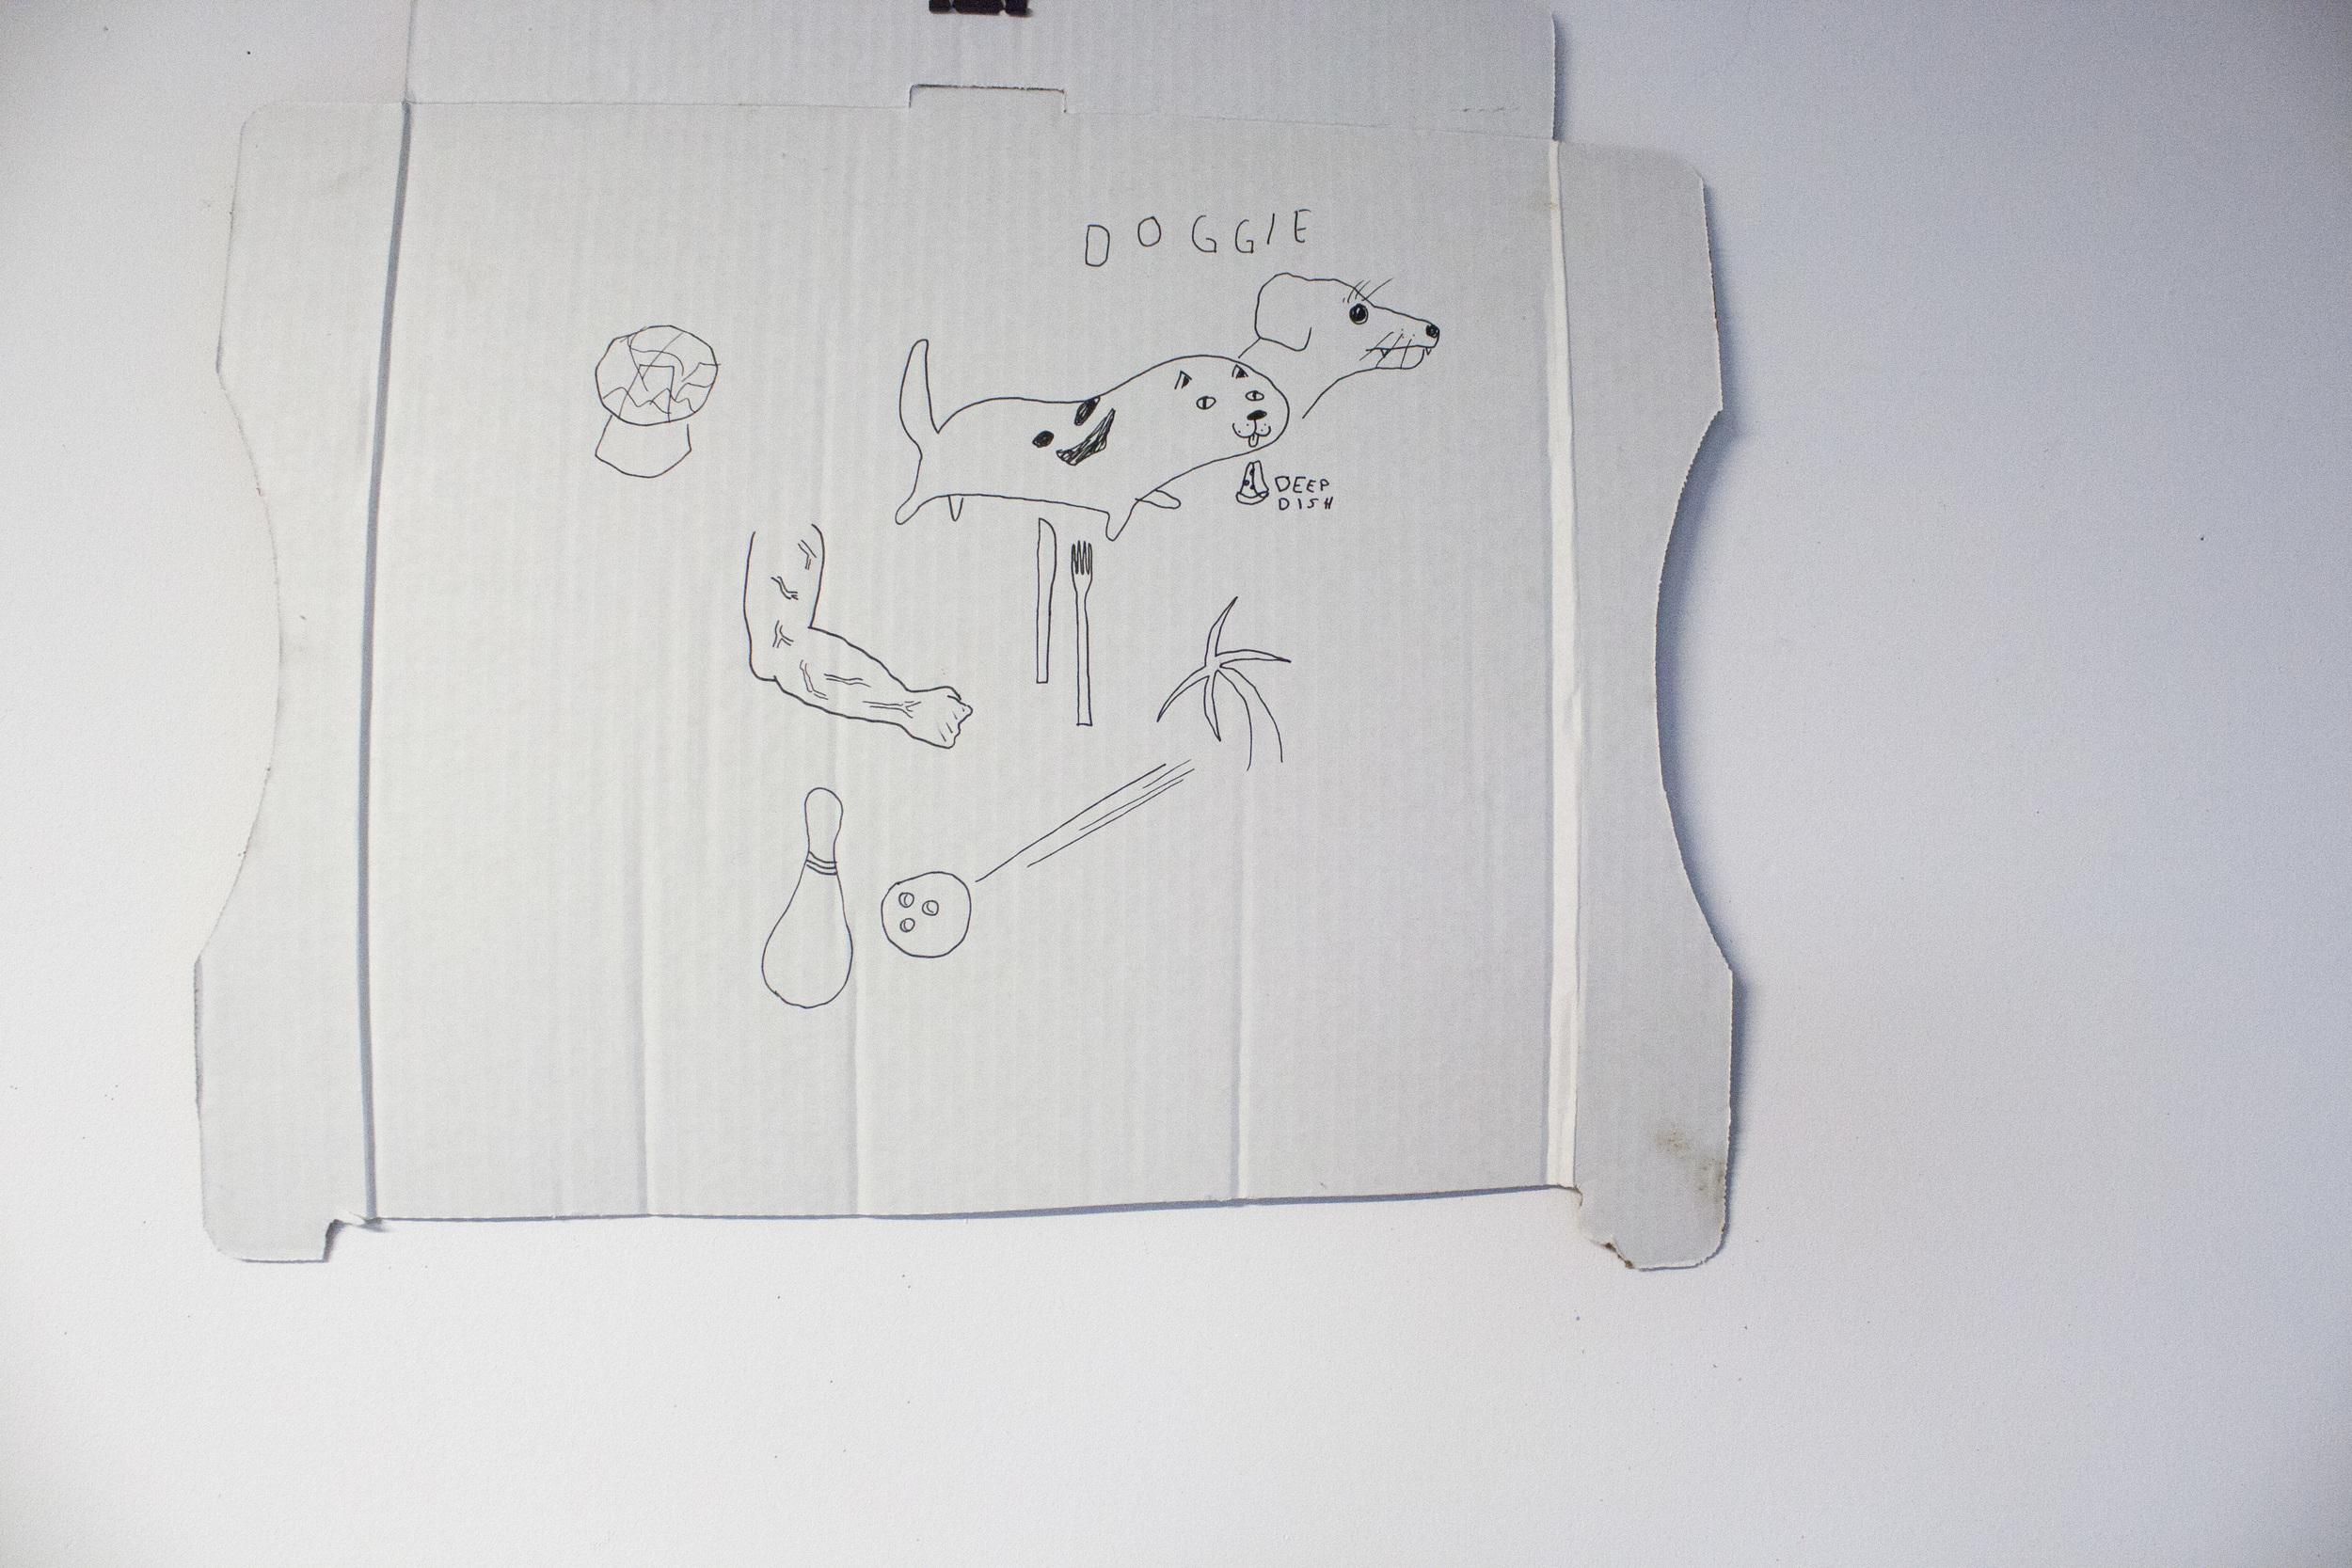 Pizza box drawing by artist Matt Davey